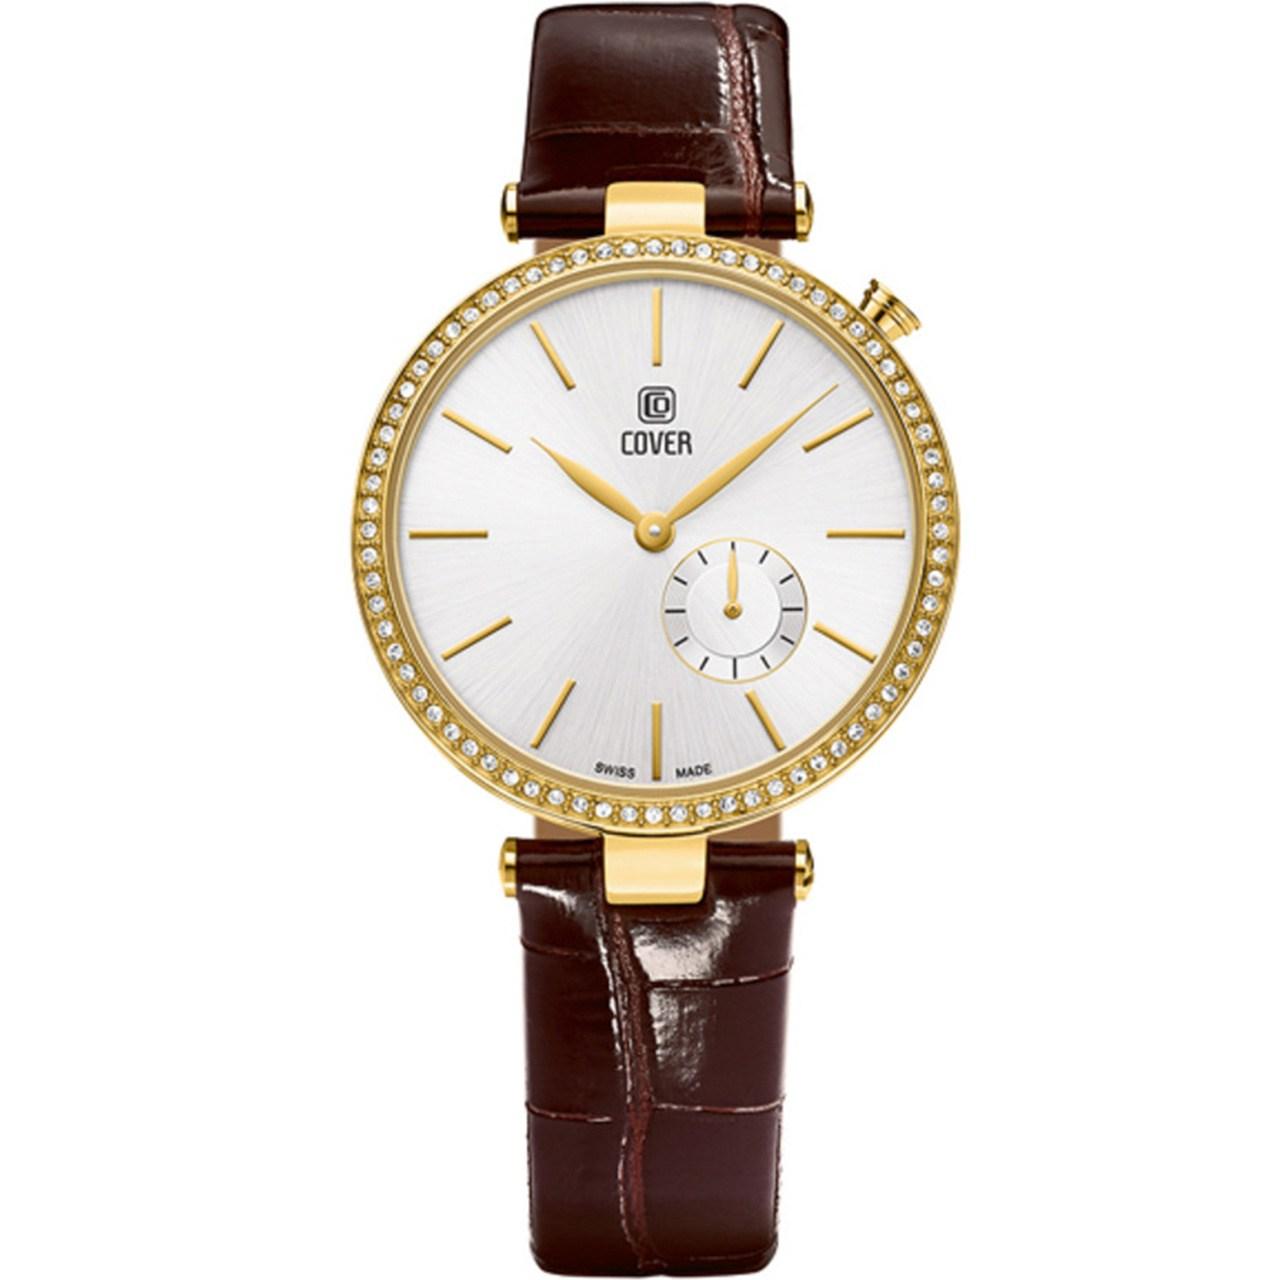 ساعت مچی عقربه ای زنانه کاور مدل Co1780.03 26